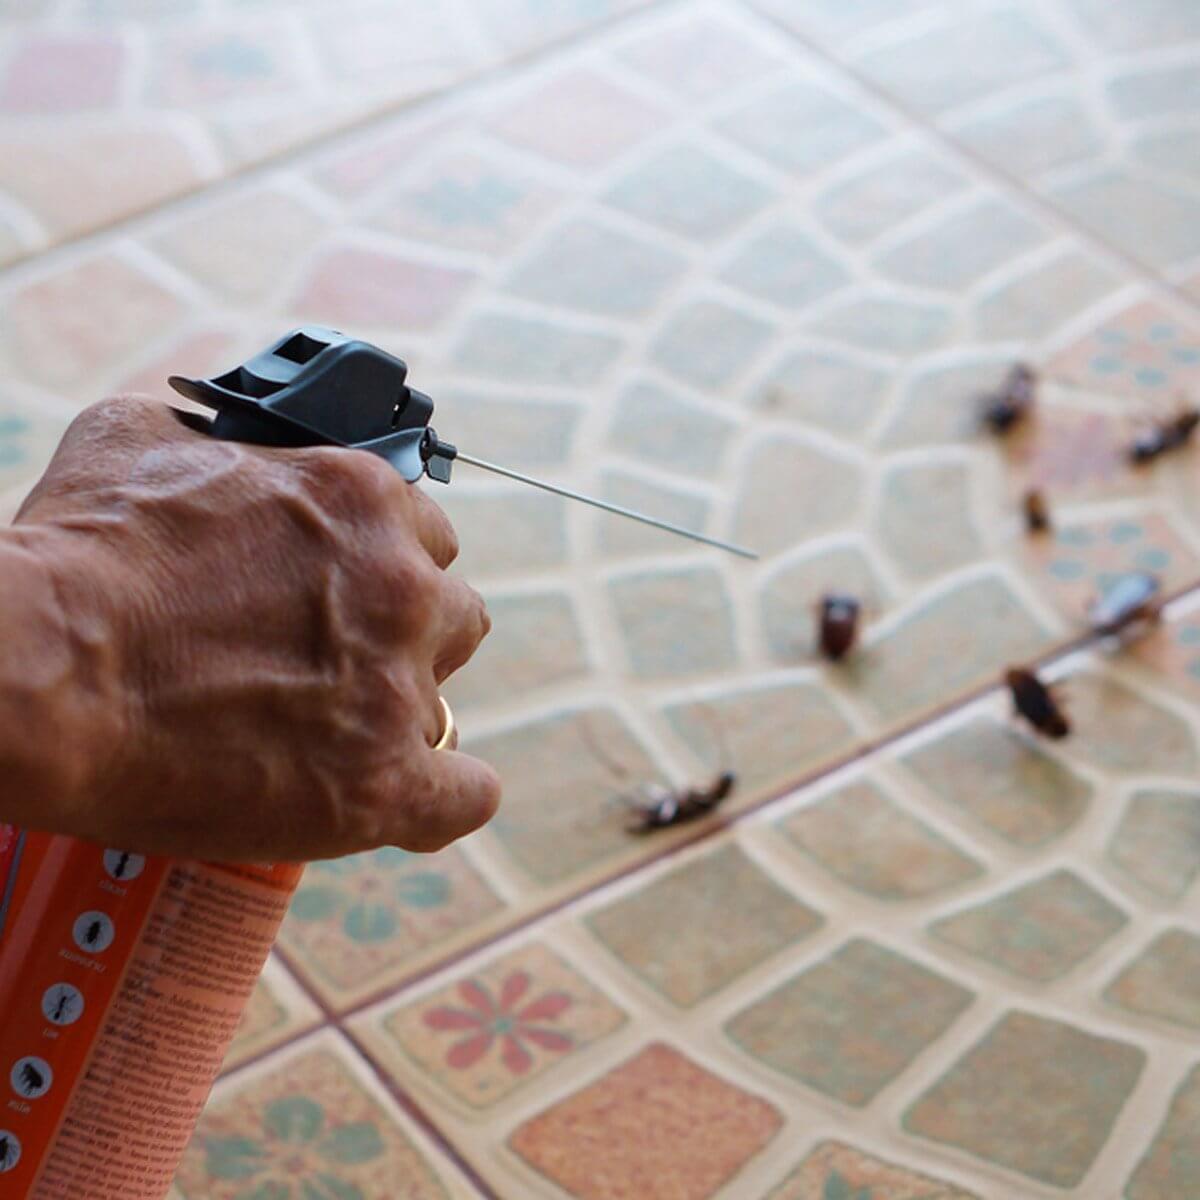 Хлебарки - превенция - унищожаване - ДДД услуги - Саниста ВИП